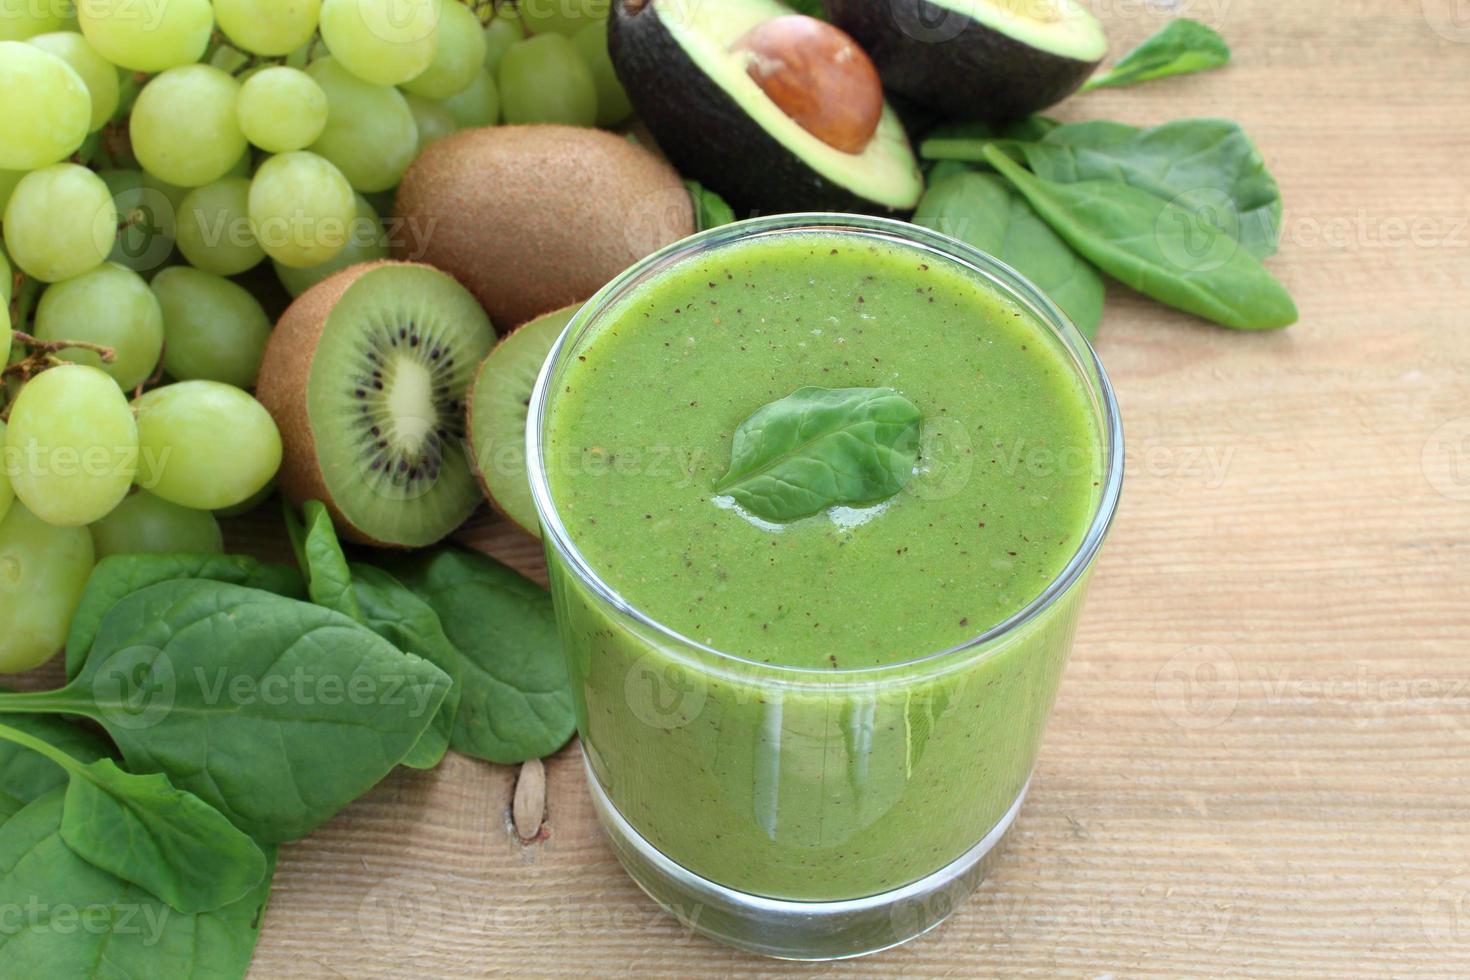 batido verde rico en fibra dietética foto